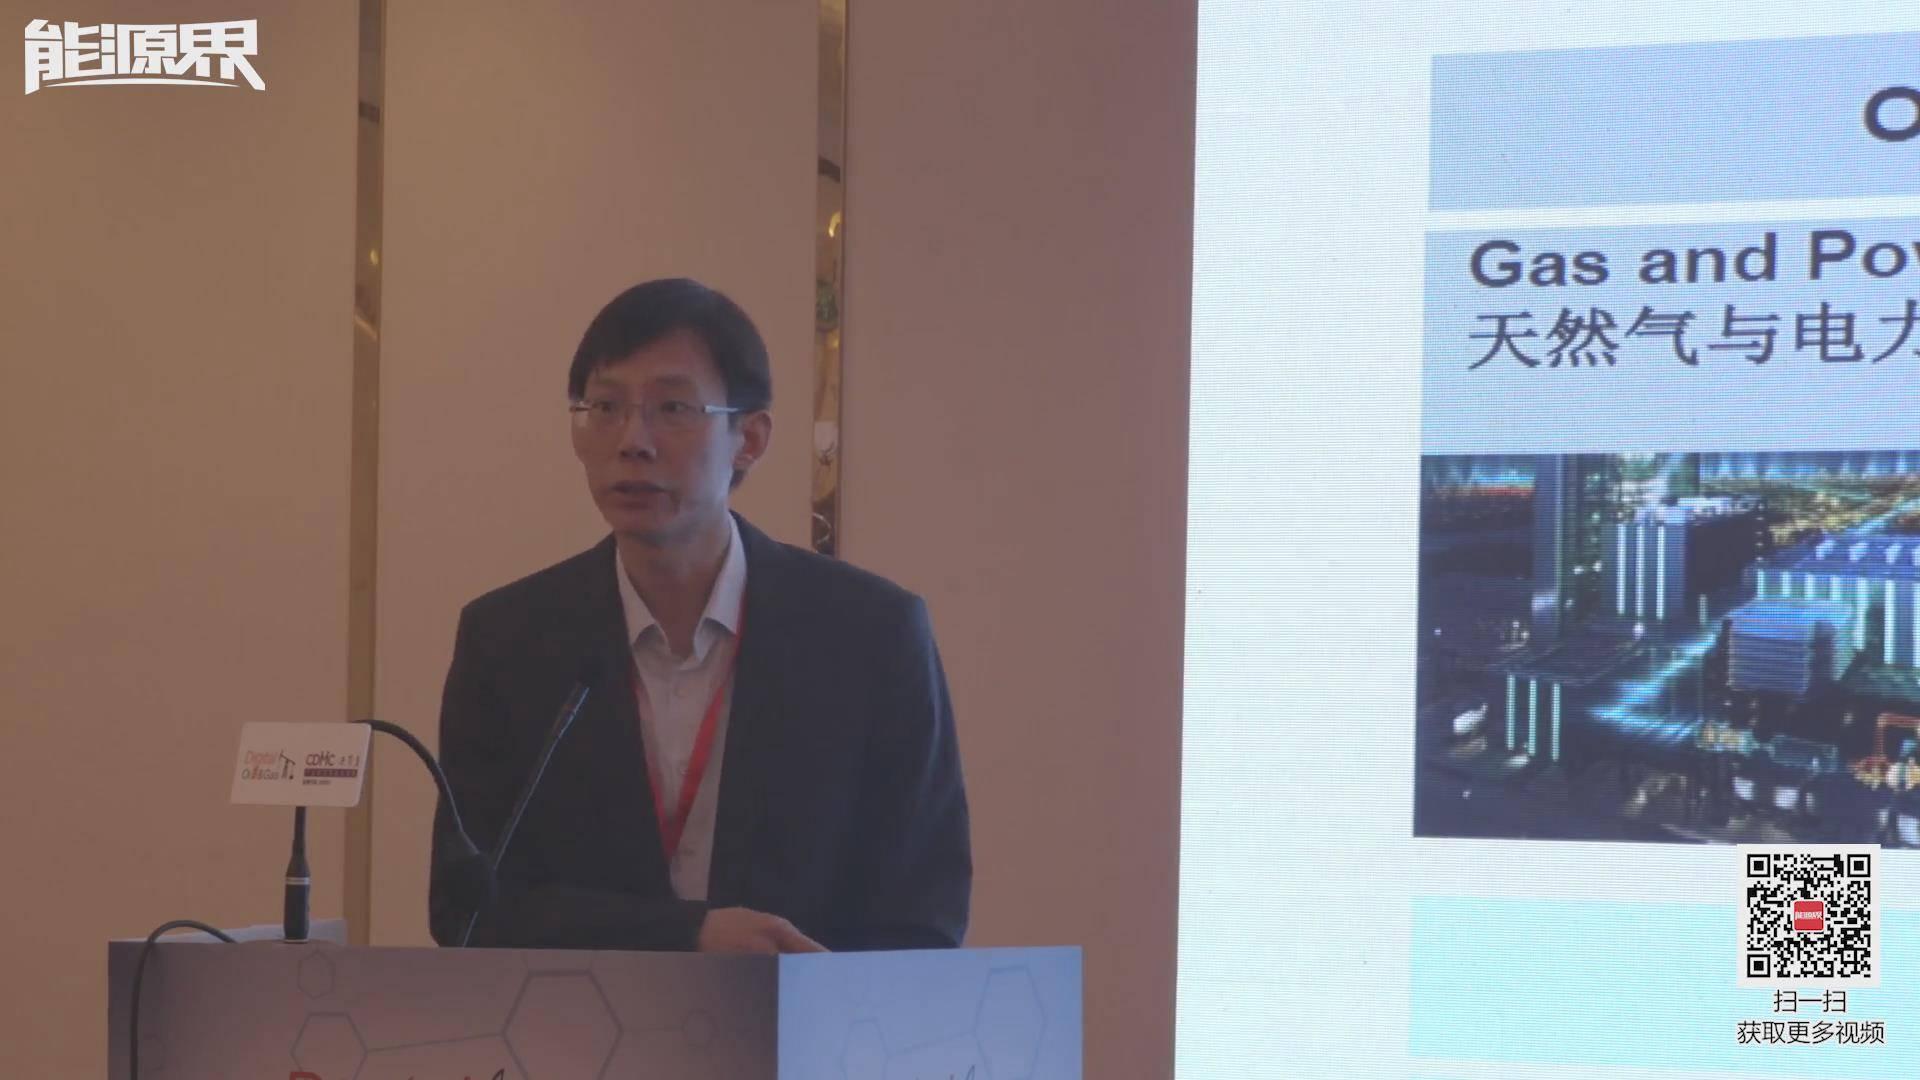 张波:西门子在石油石化行业数字化的经验